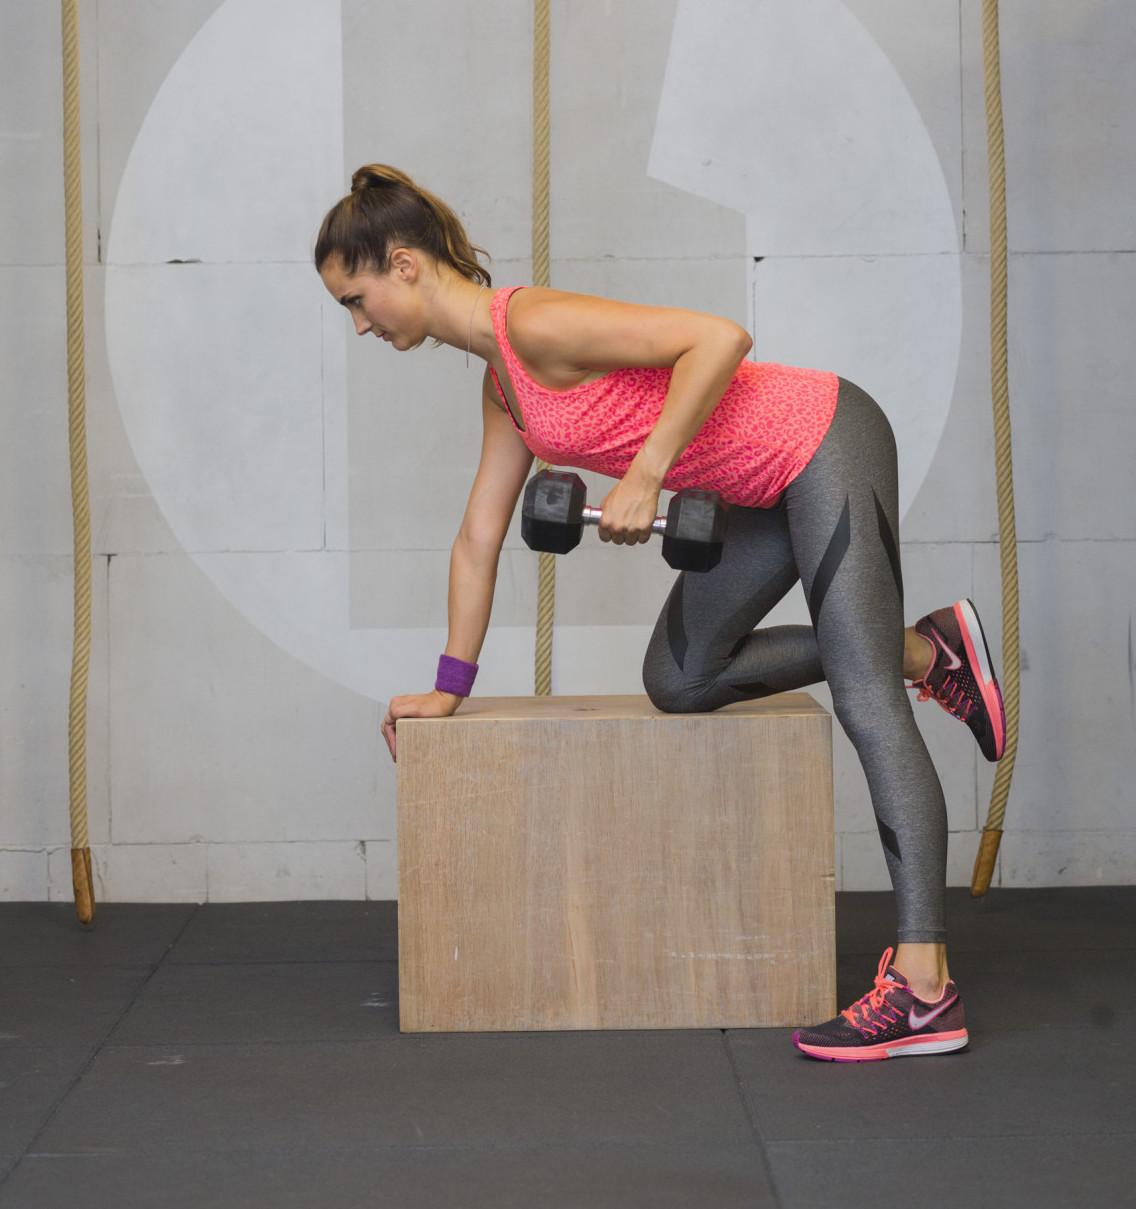 daisy trainen, boek, minder trainen, meer bereiken, gym